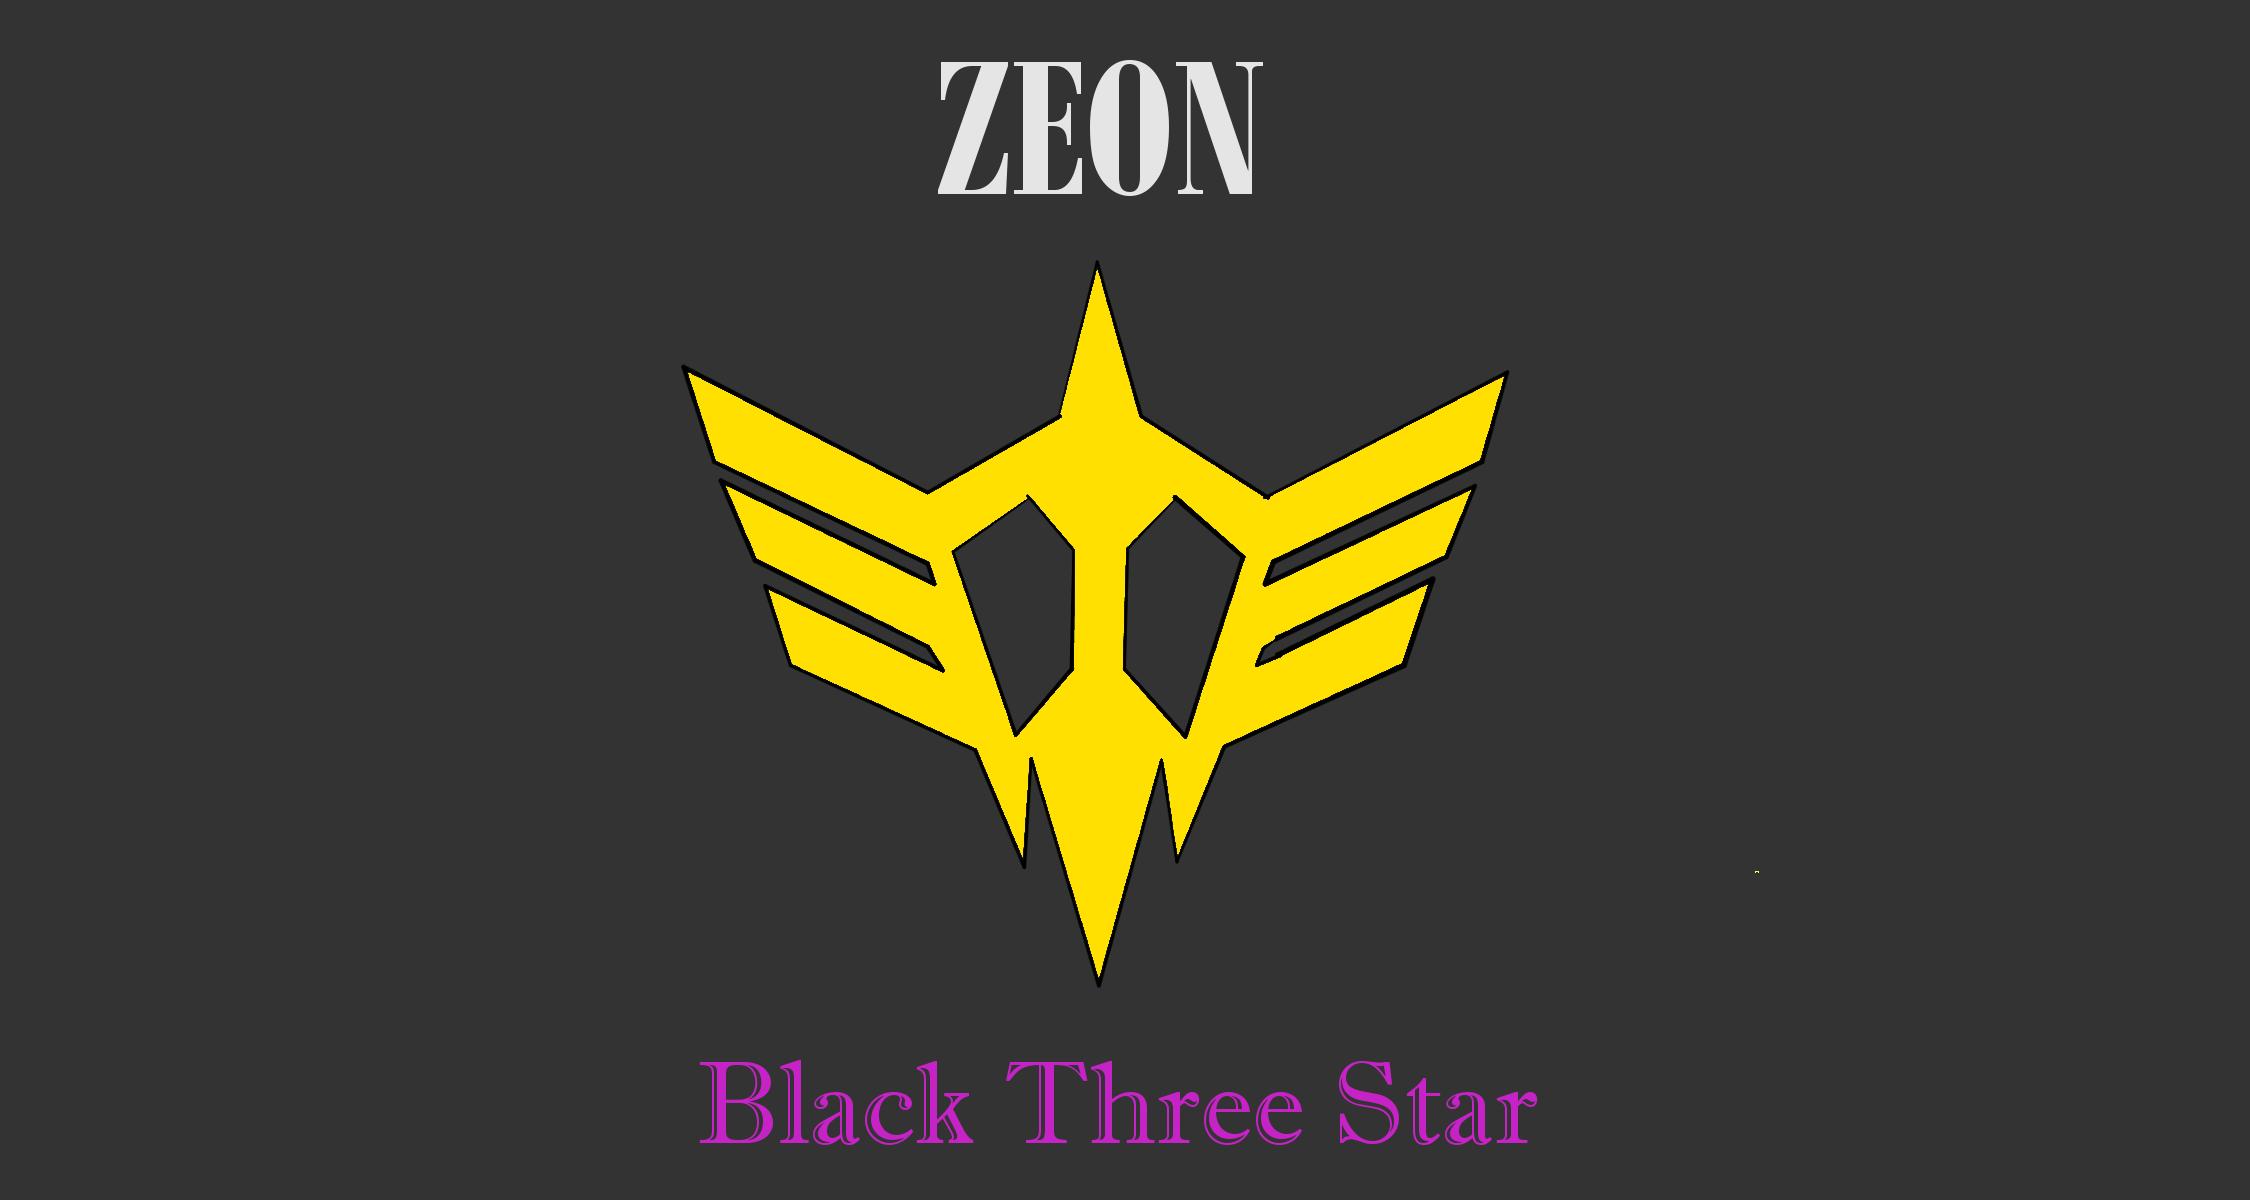 黒い三連星 ガイア オルテガ マッシュ